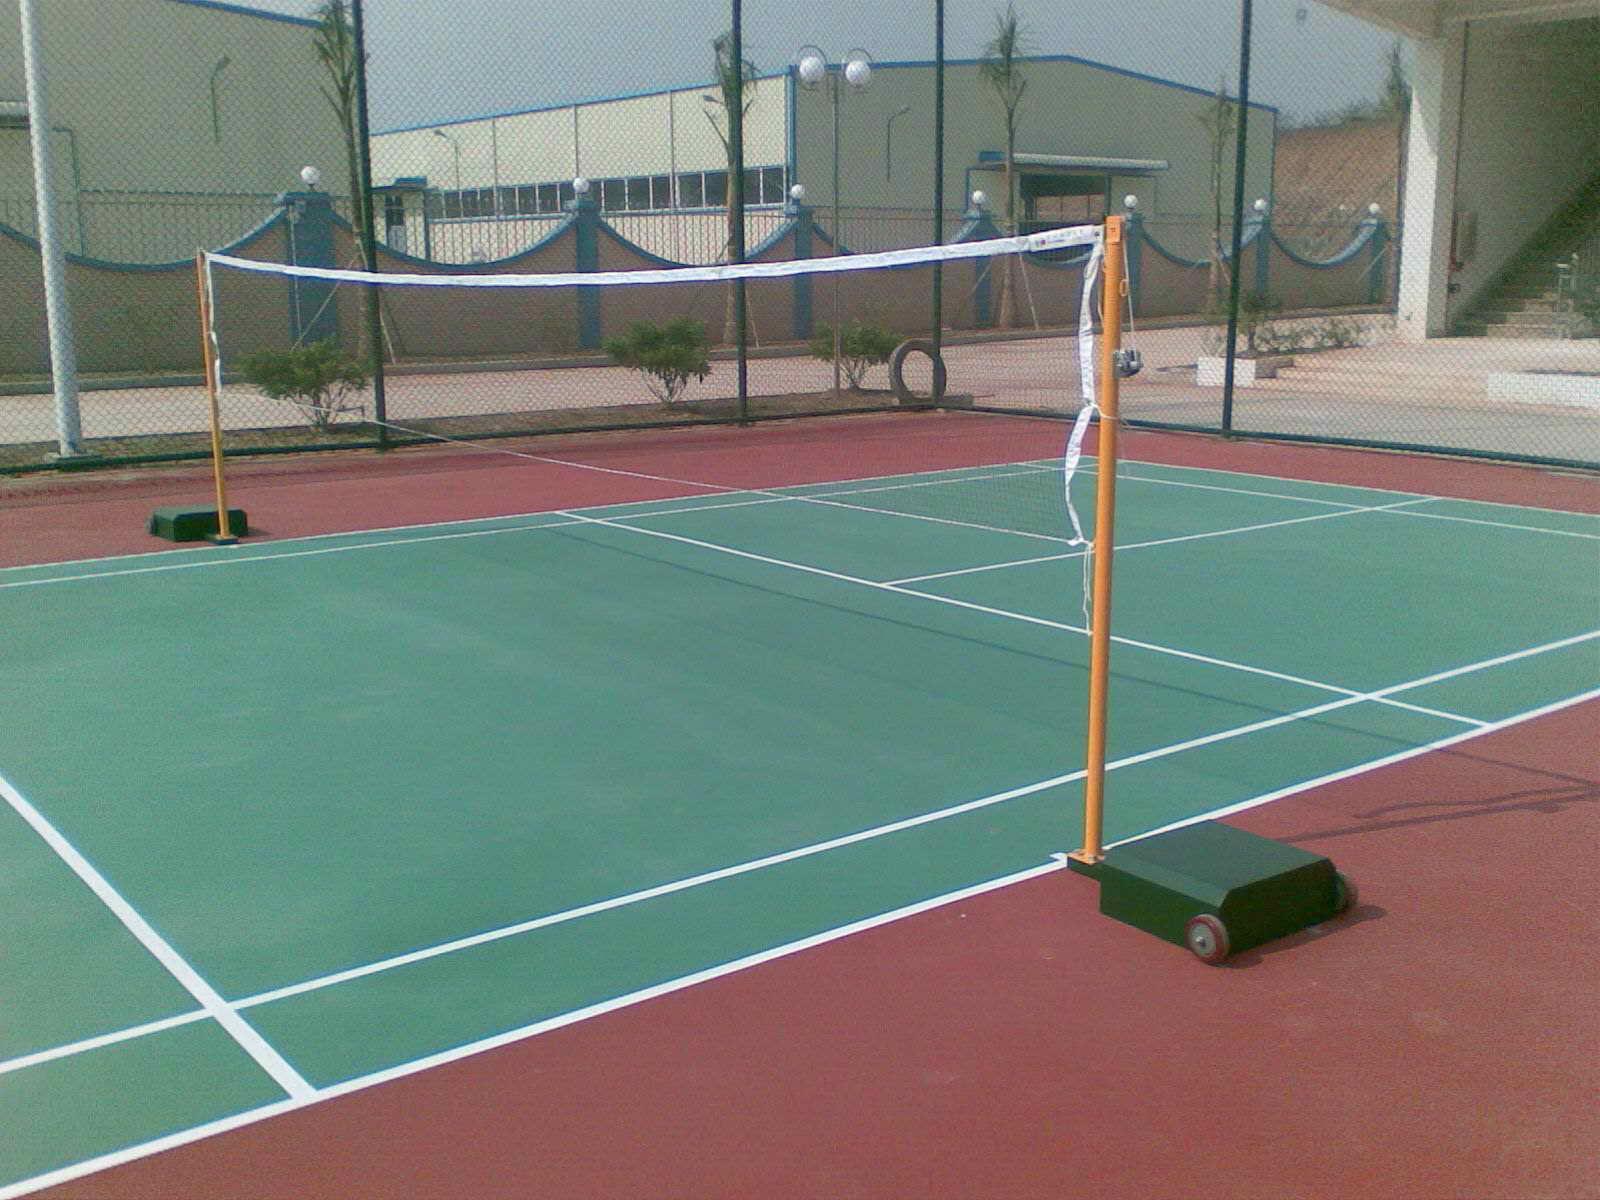 塑胶球场地胶铺装营造出的运动场地怀化湖南一线体育球场地面